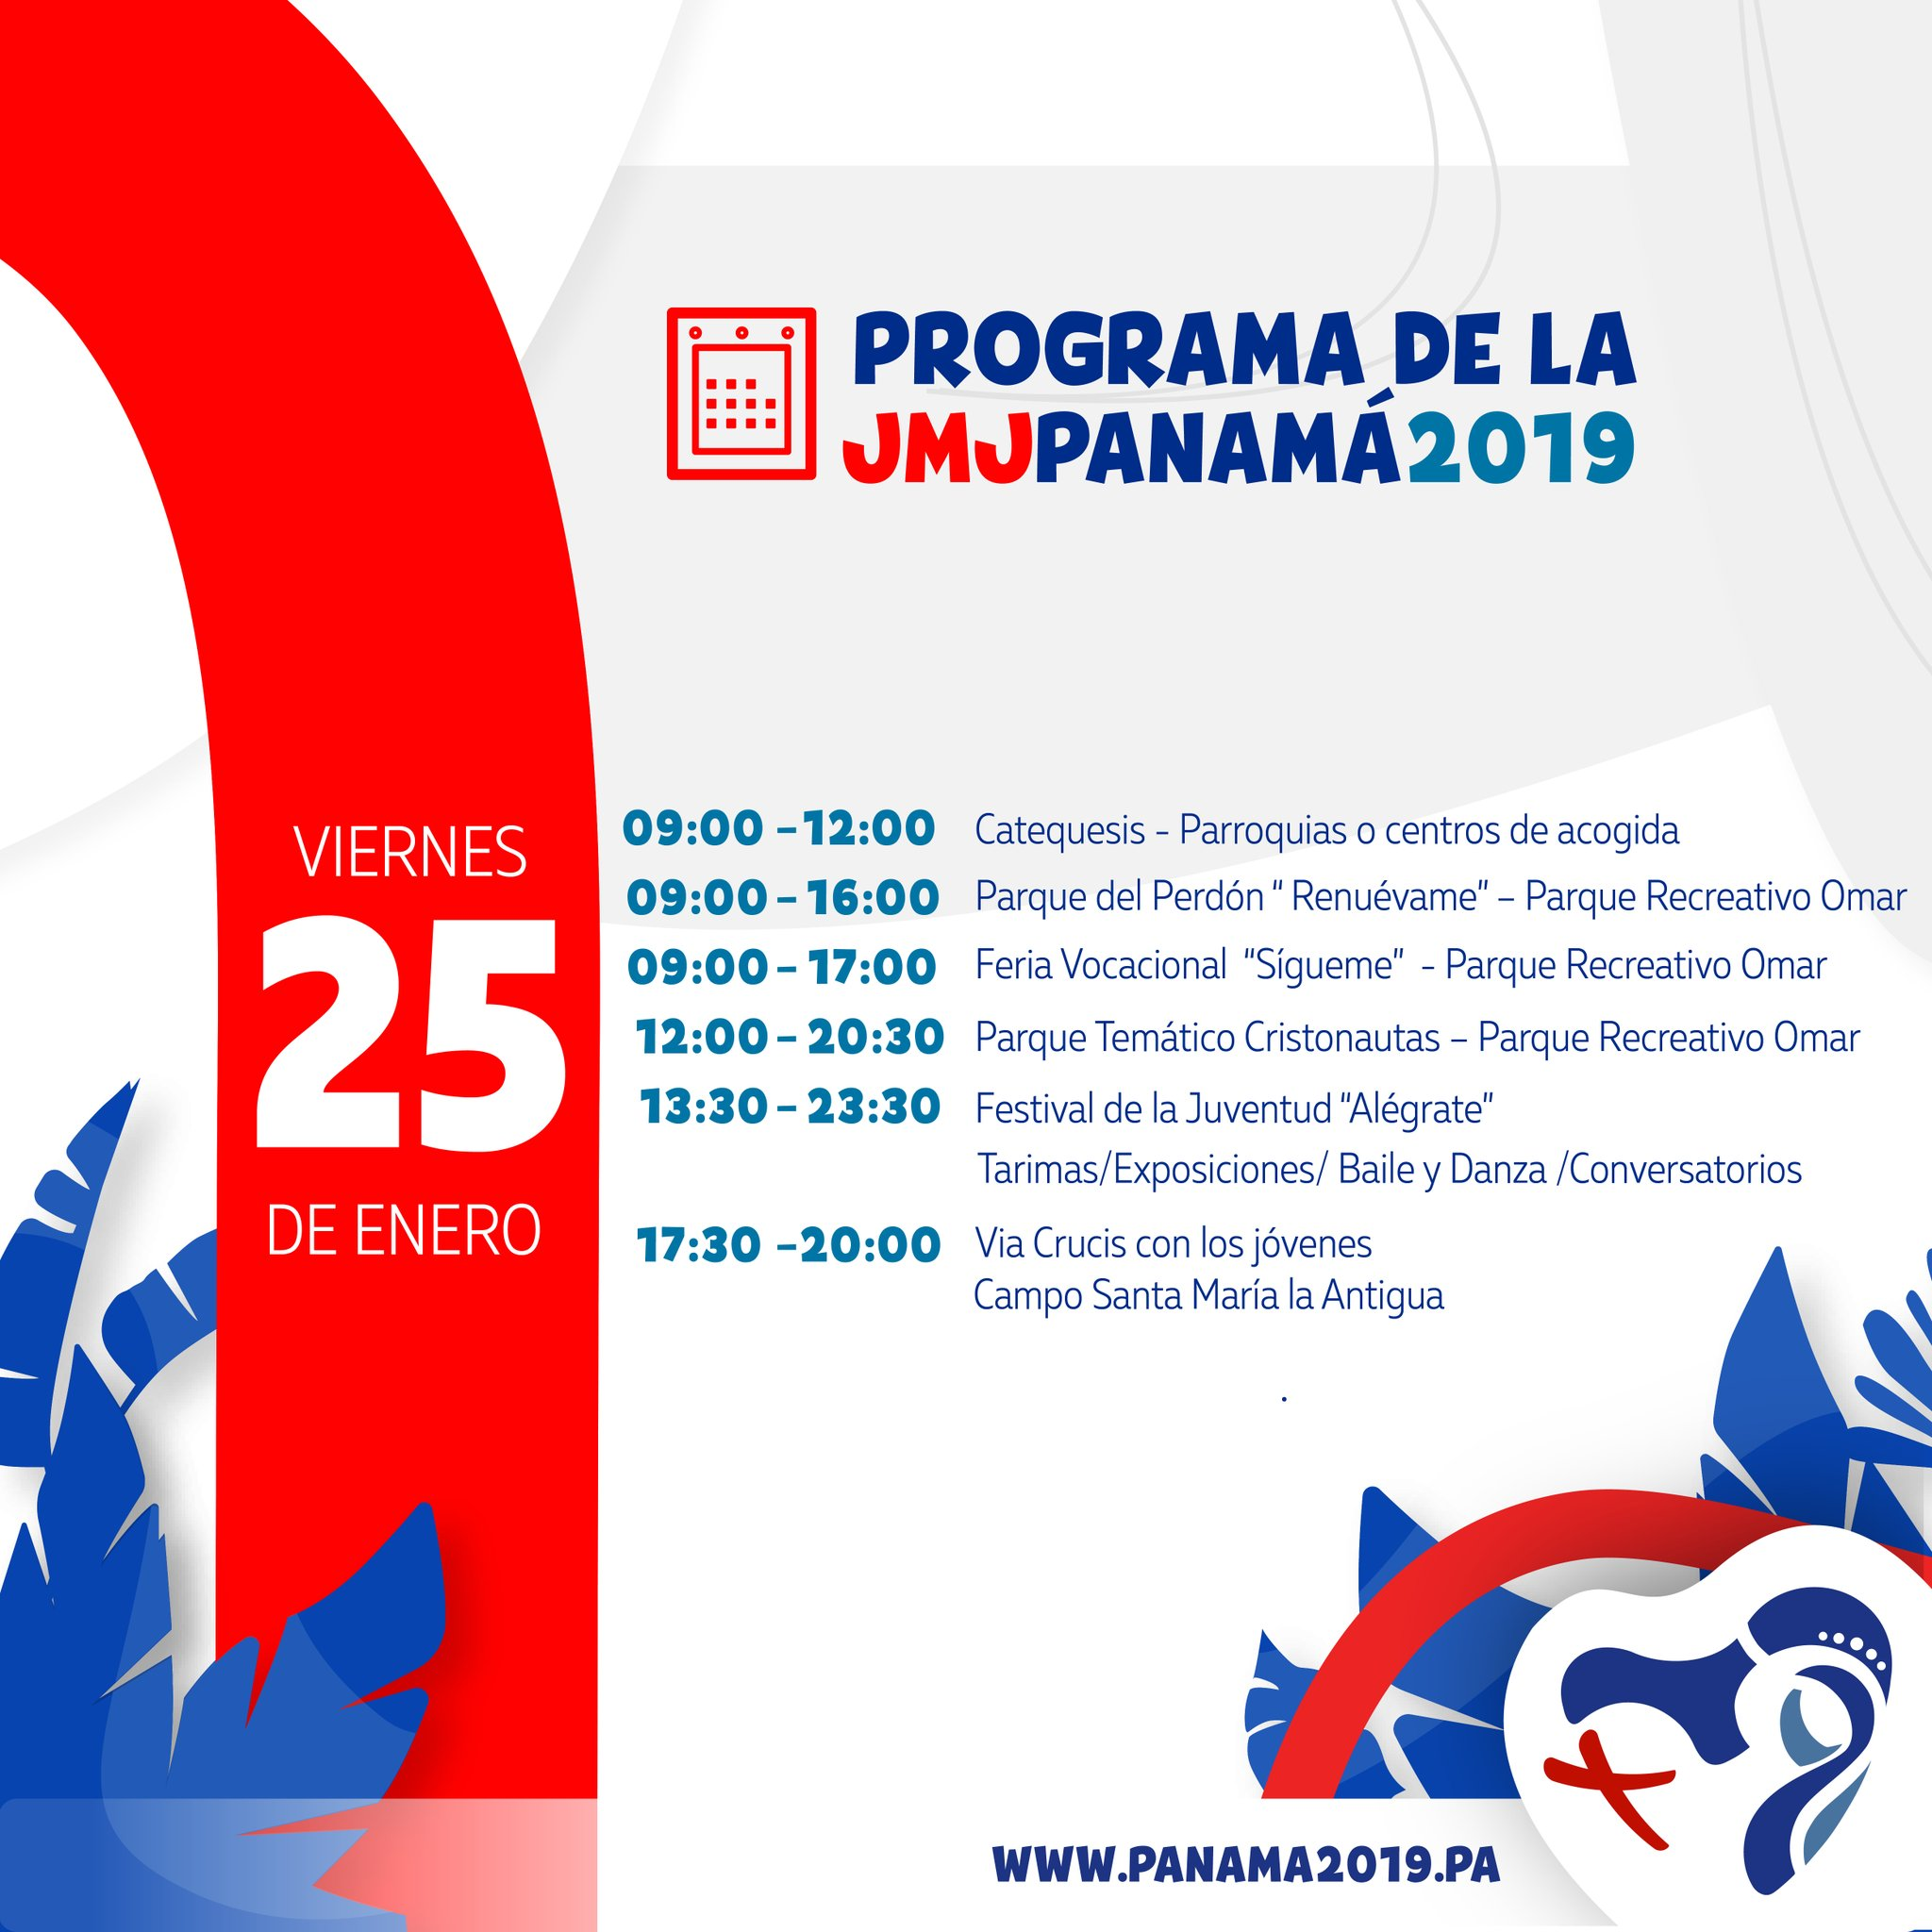 Agenda: Viernes 25